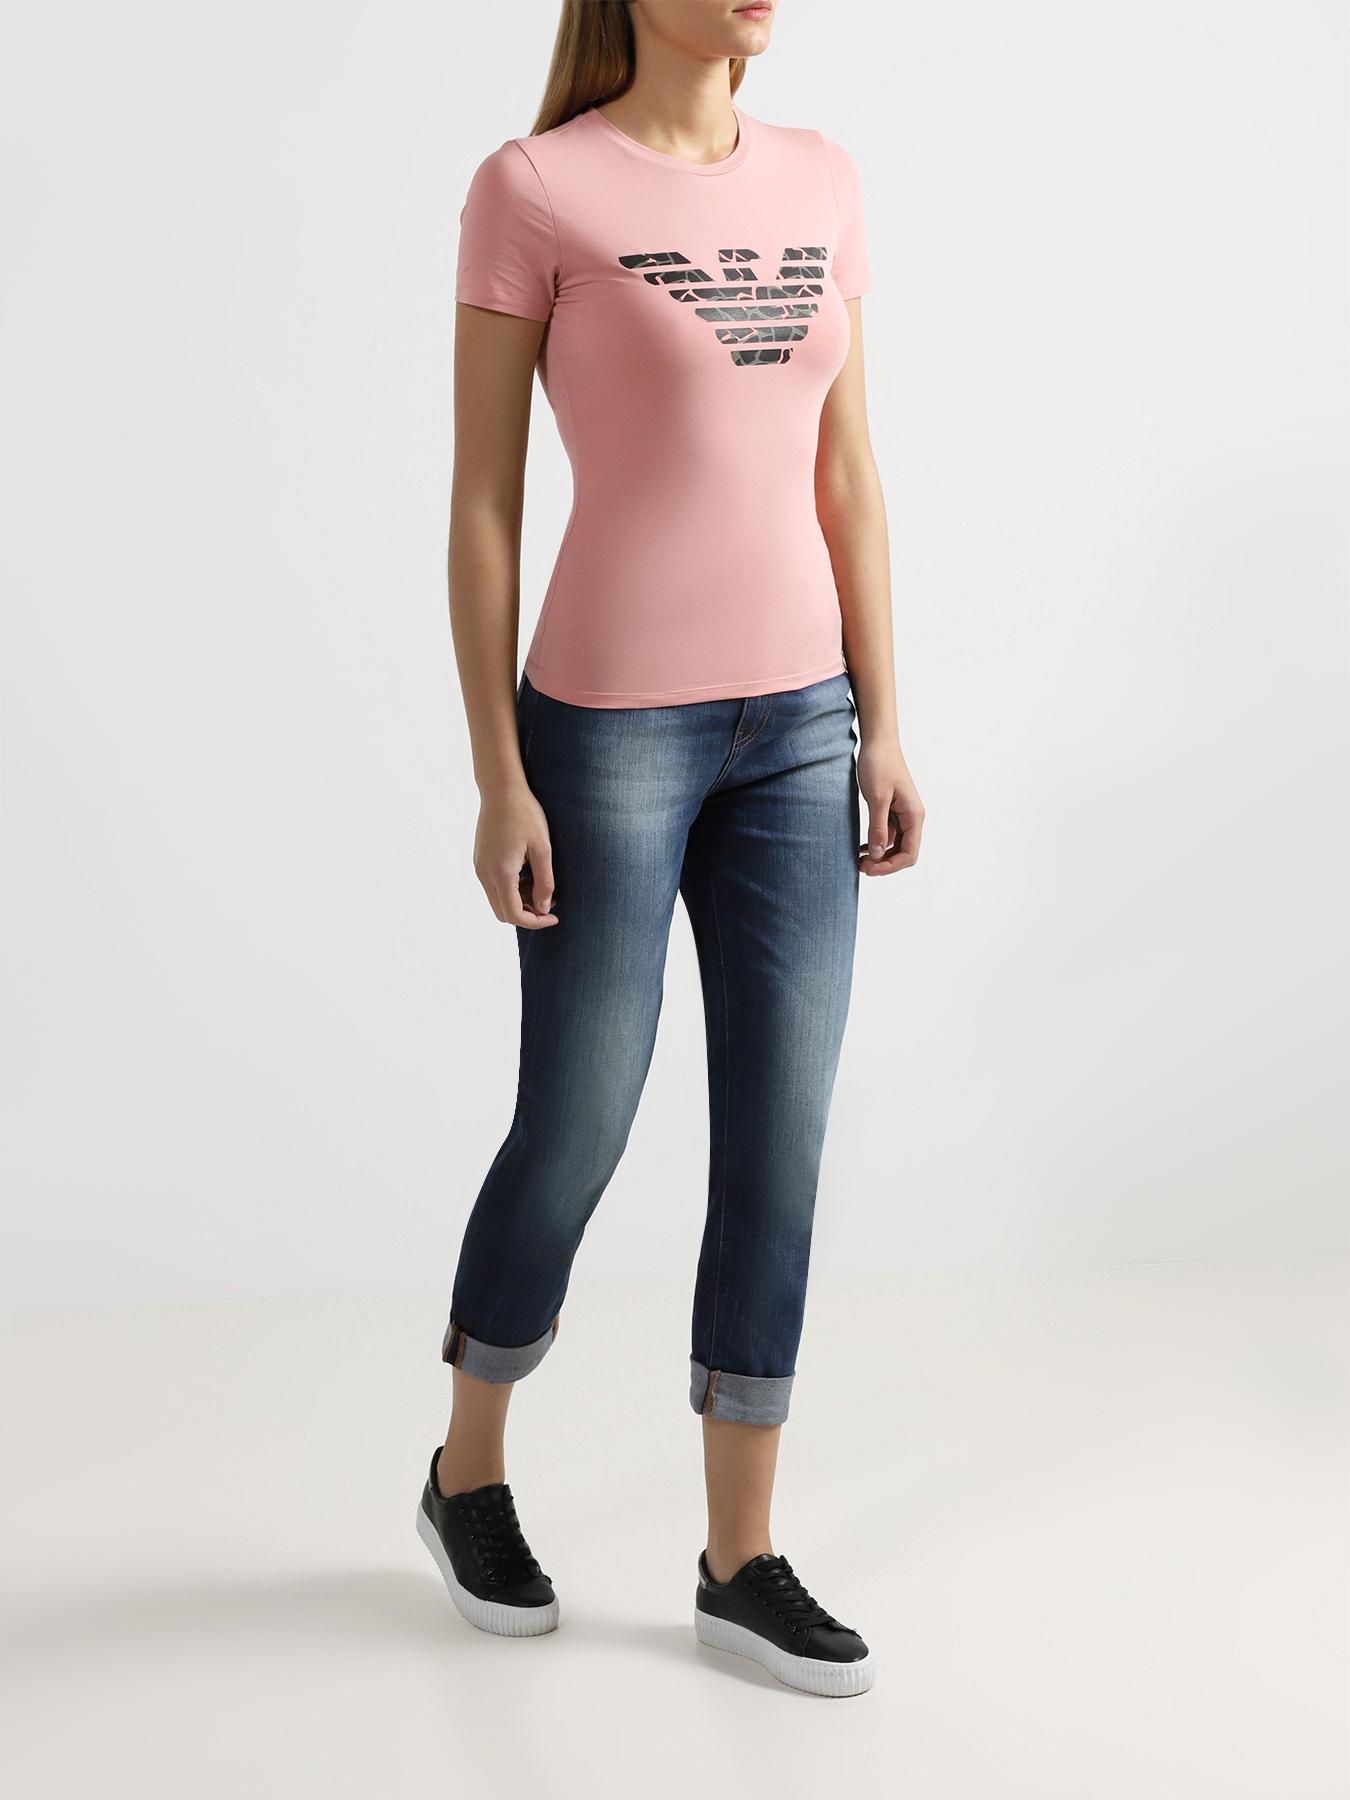 Фуфайка Emporio Armani Женская футболка толстовка женская велюровая emporio armani page 6